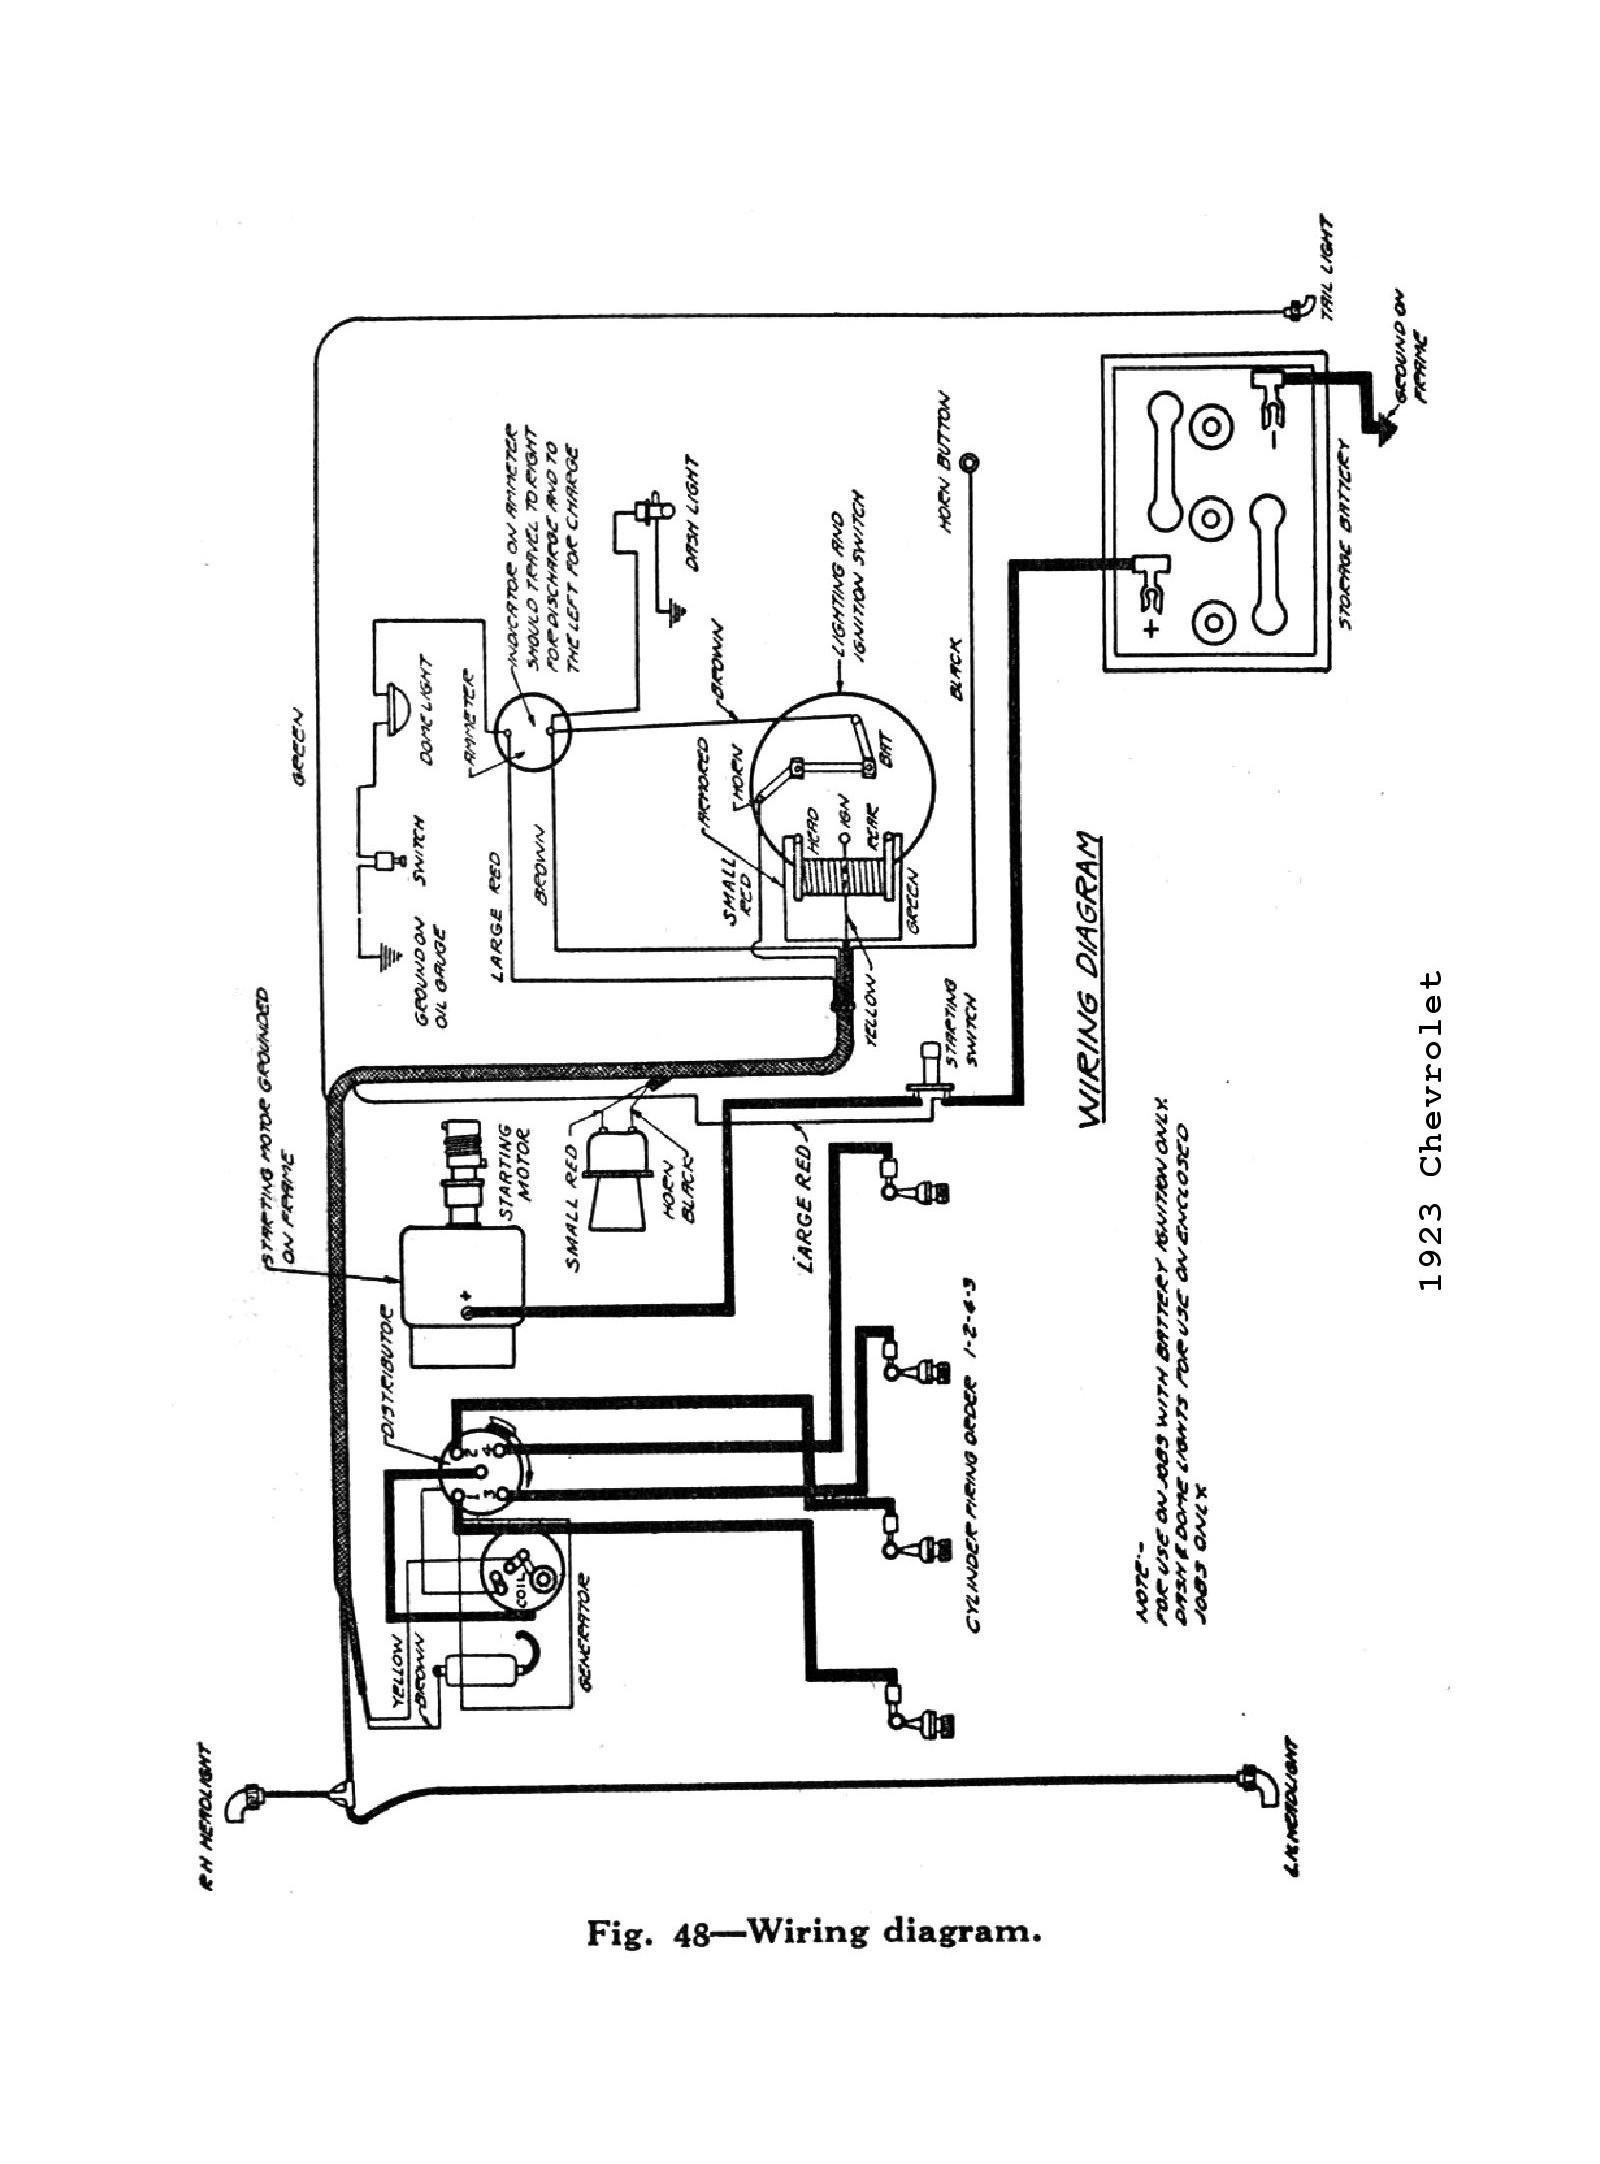 Kit Car Wiring Diagram Wiring Diagrams Of Kit Car Wiring Diagram